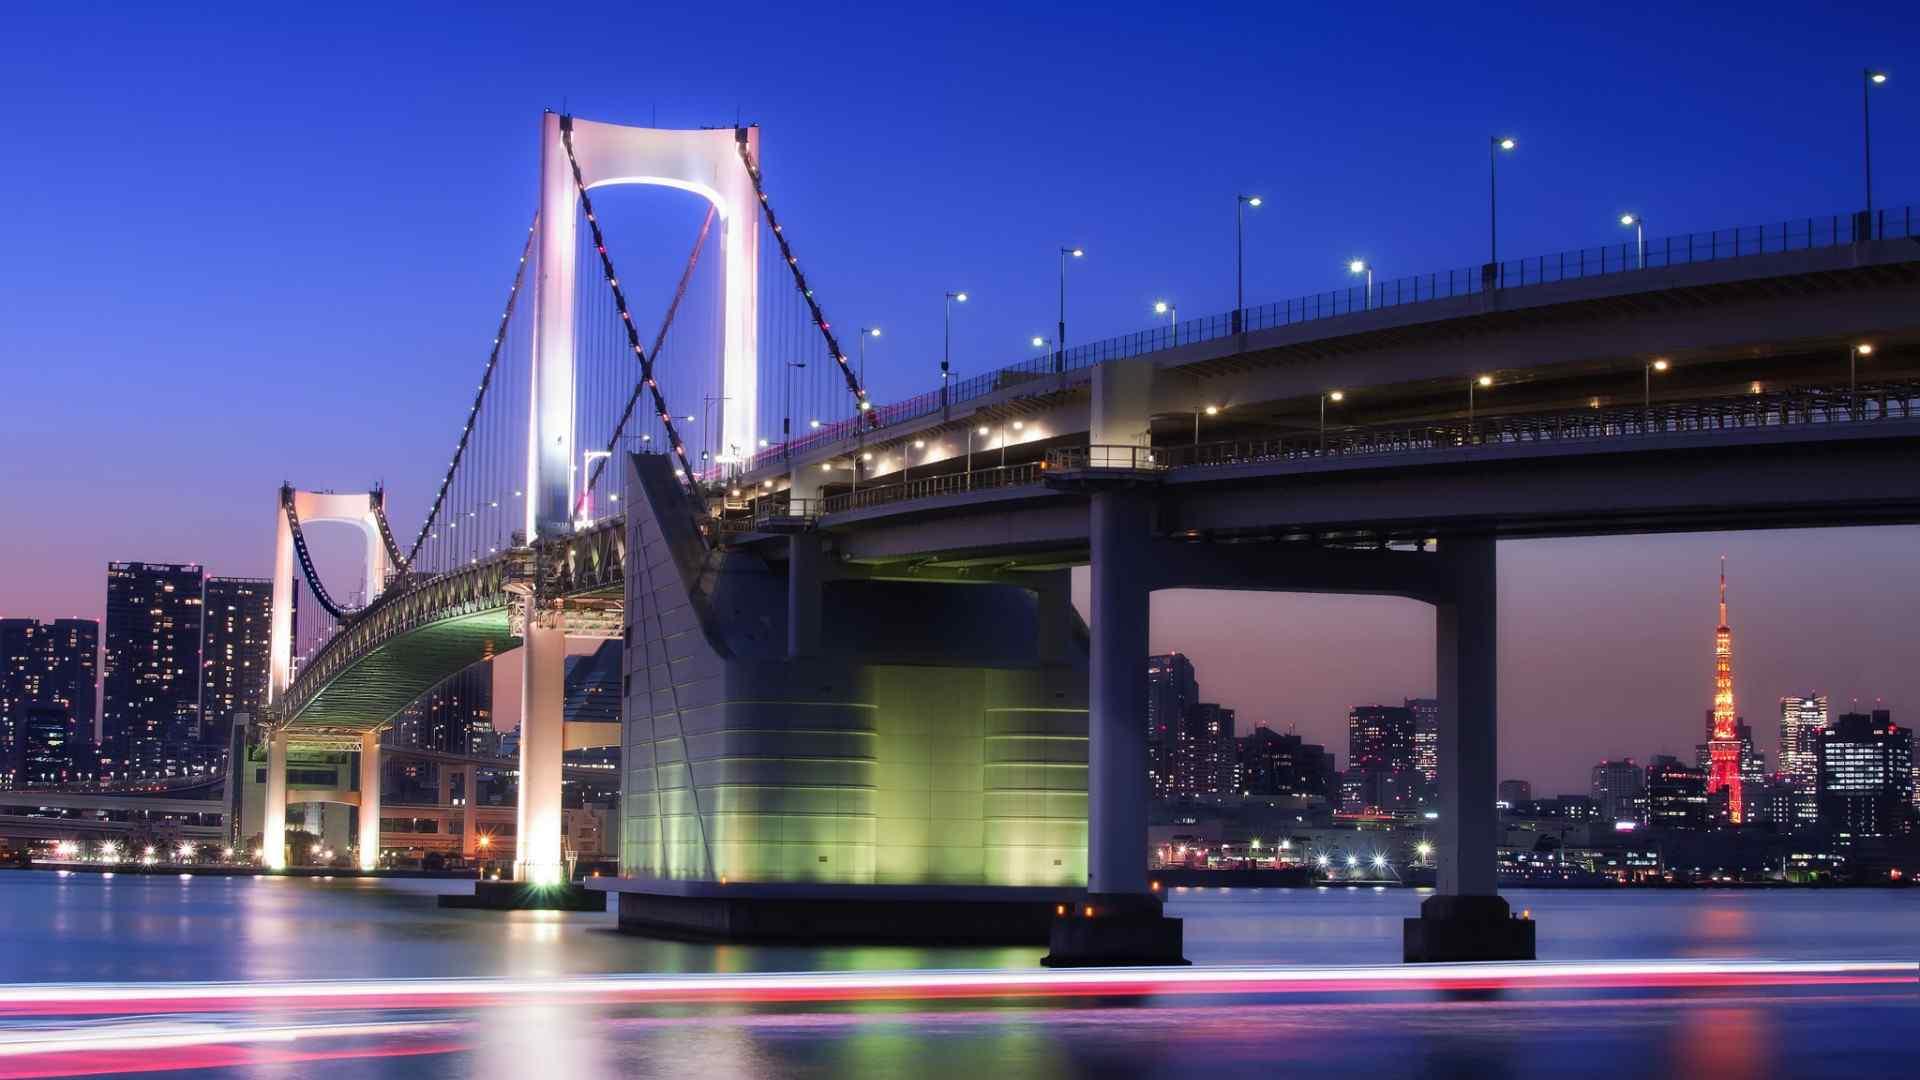 雄壮大桥夜景壁纸